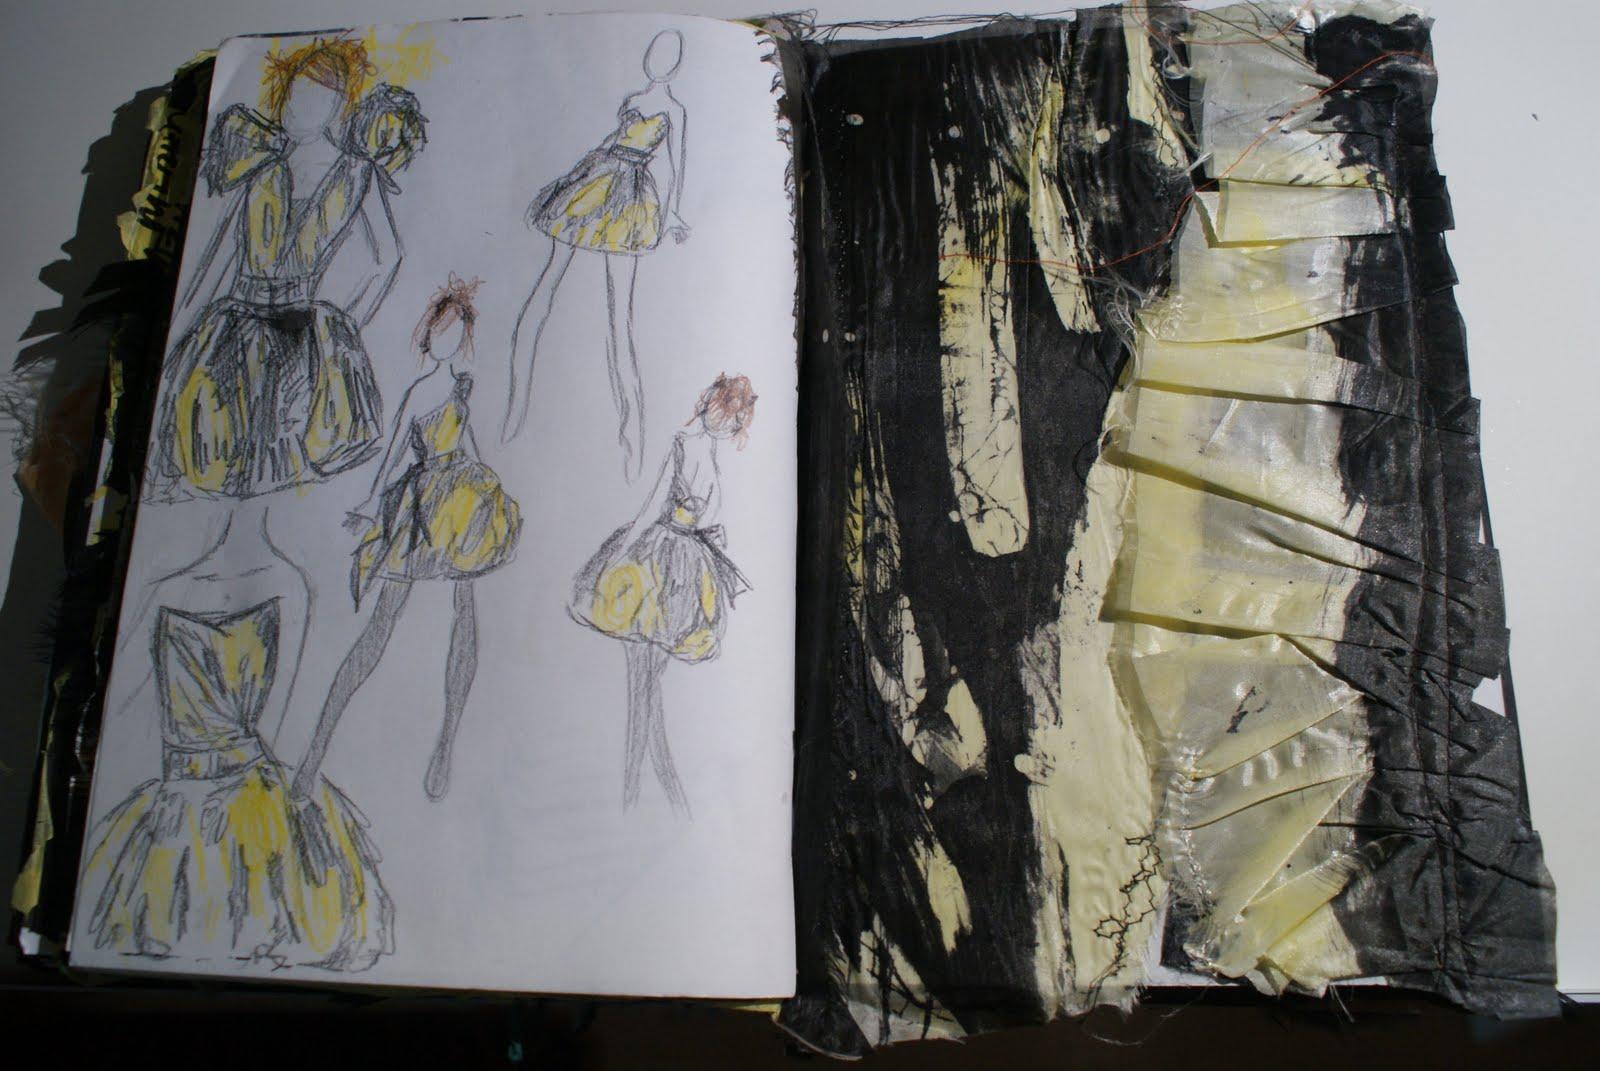 Art Ao1 #16